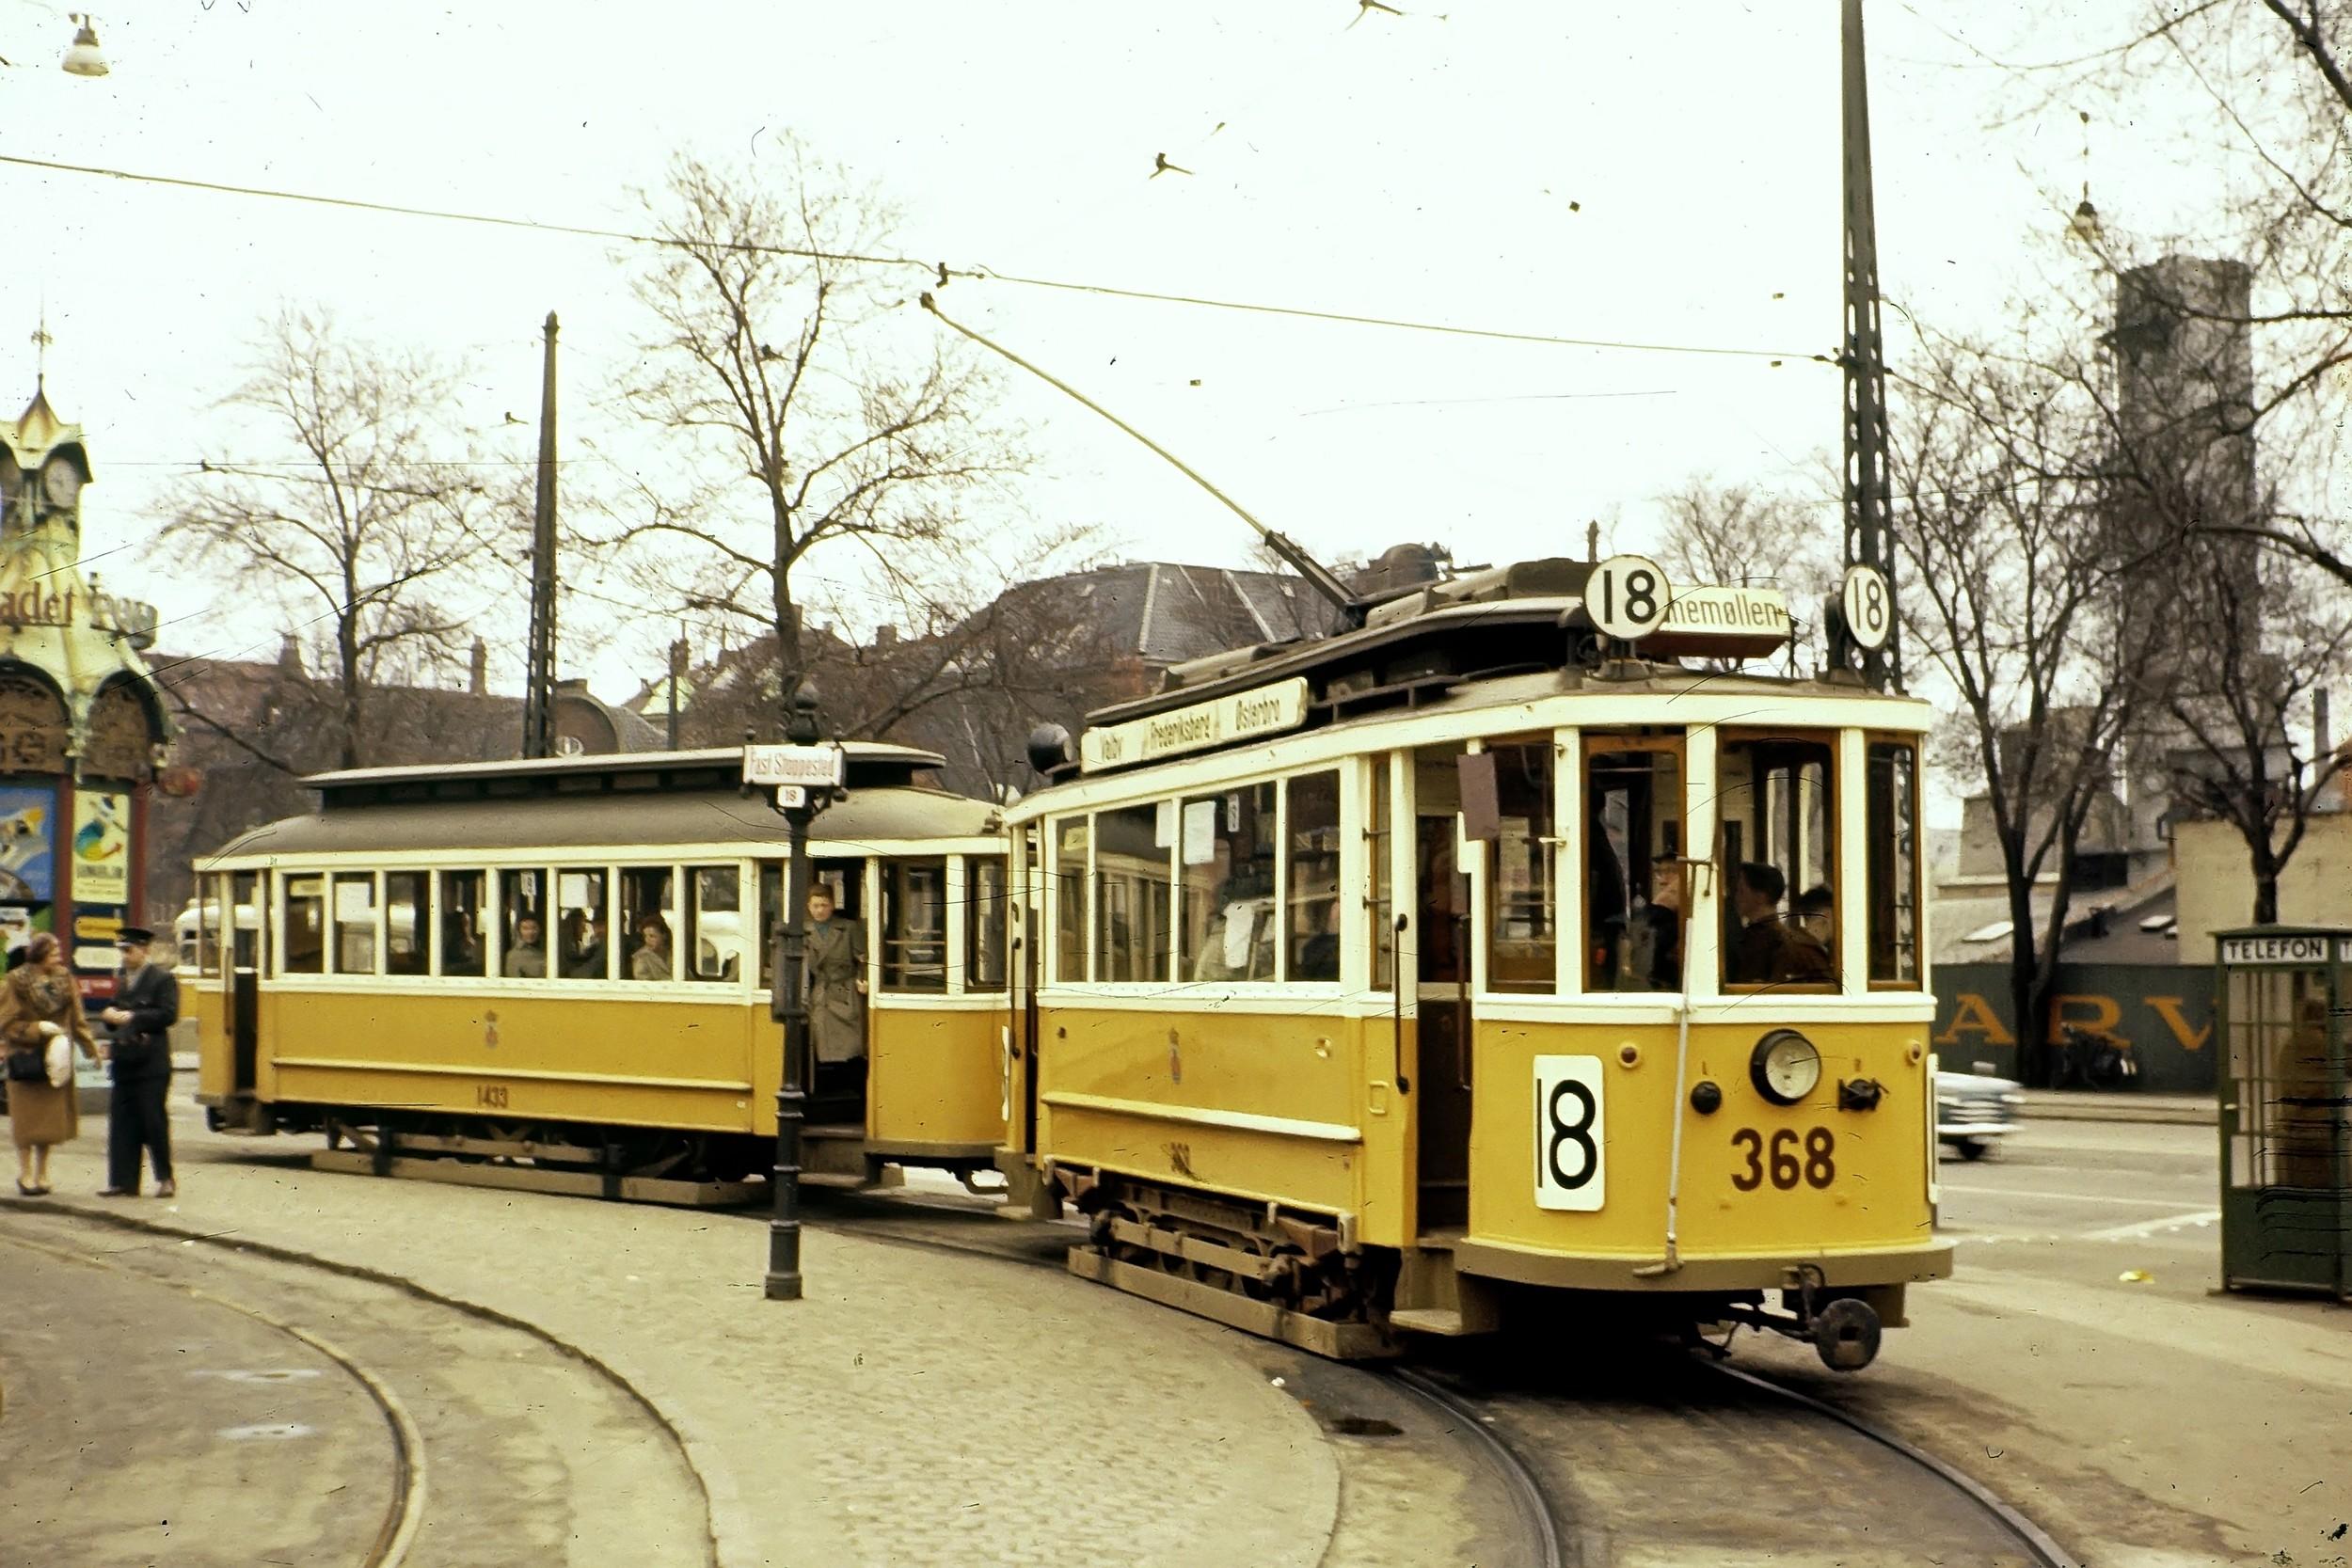 Tramvajová souprava v ulicích Kodaně. (zdroj: Wikipedia.org)